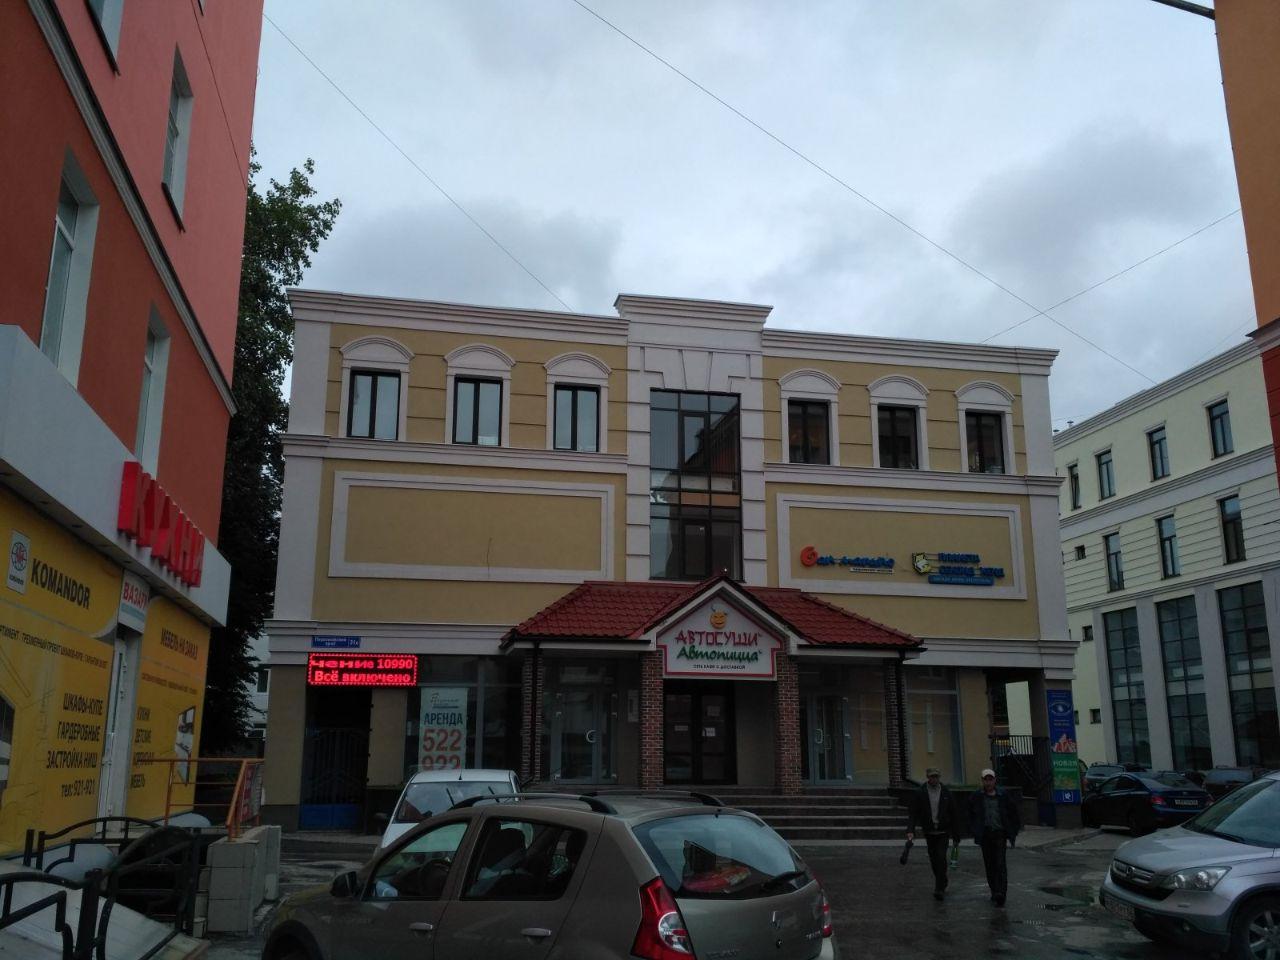 Аренда офиса в рязани первомайский проспект аренда офисов в санкт-петербурге без поср